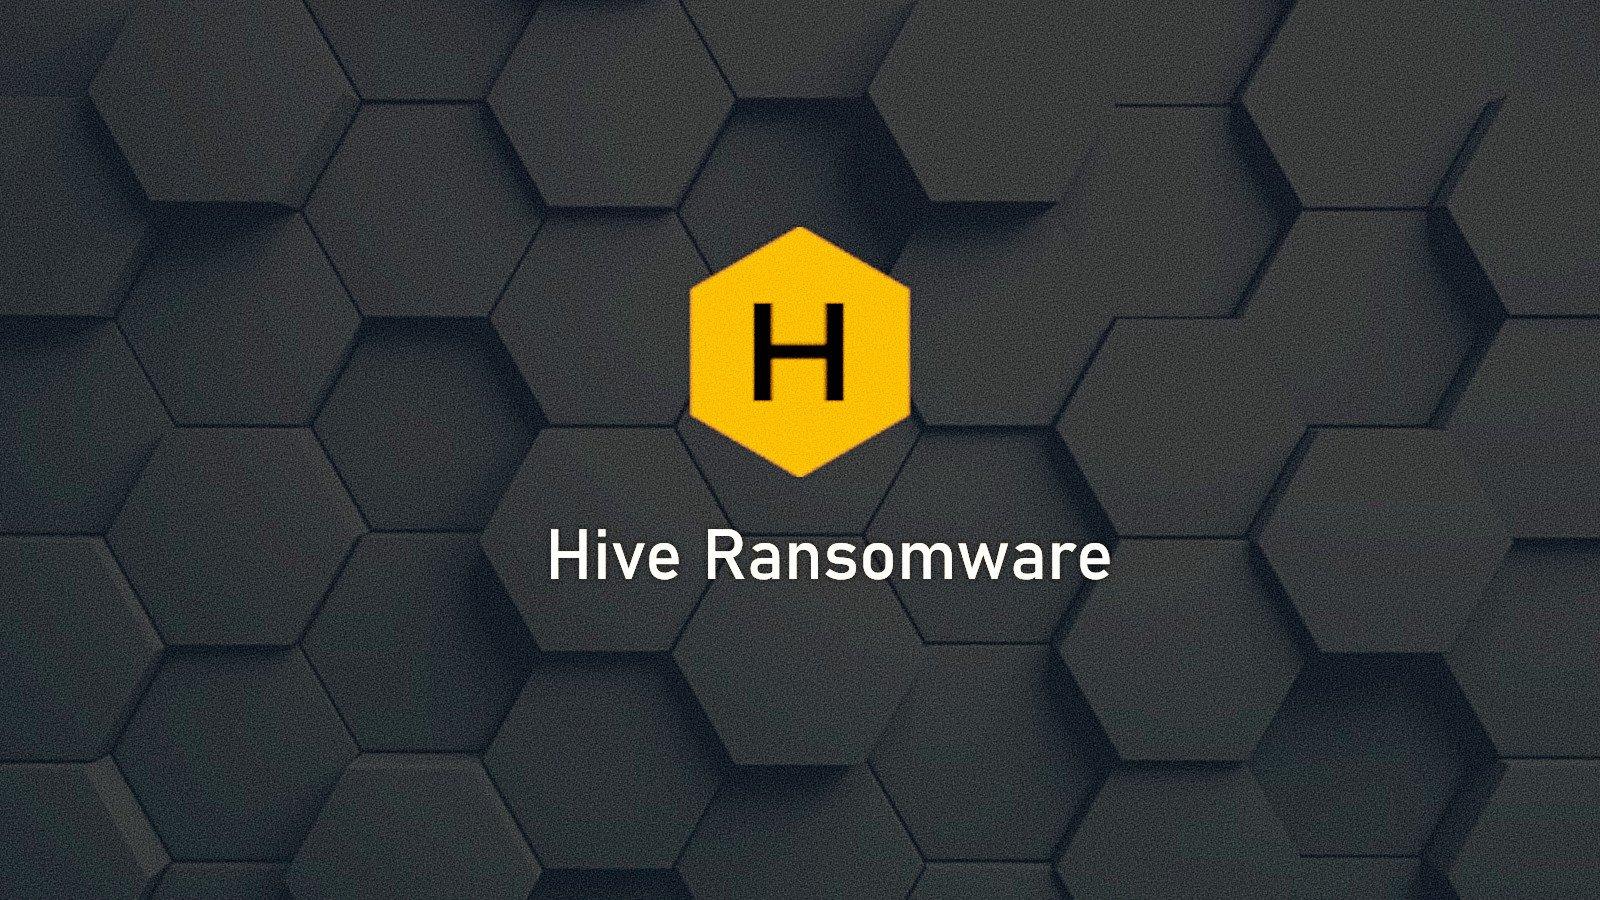 ФБР опубликовало технические подробности вымогателя Hive